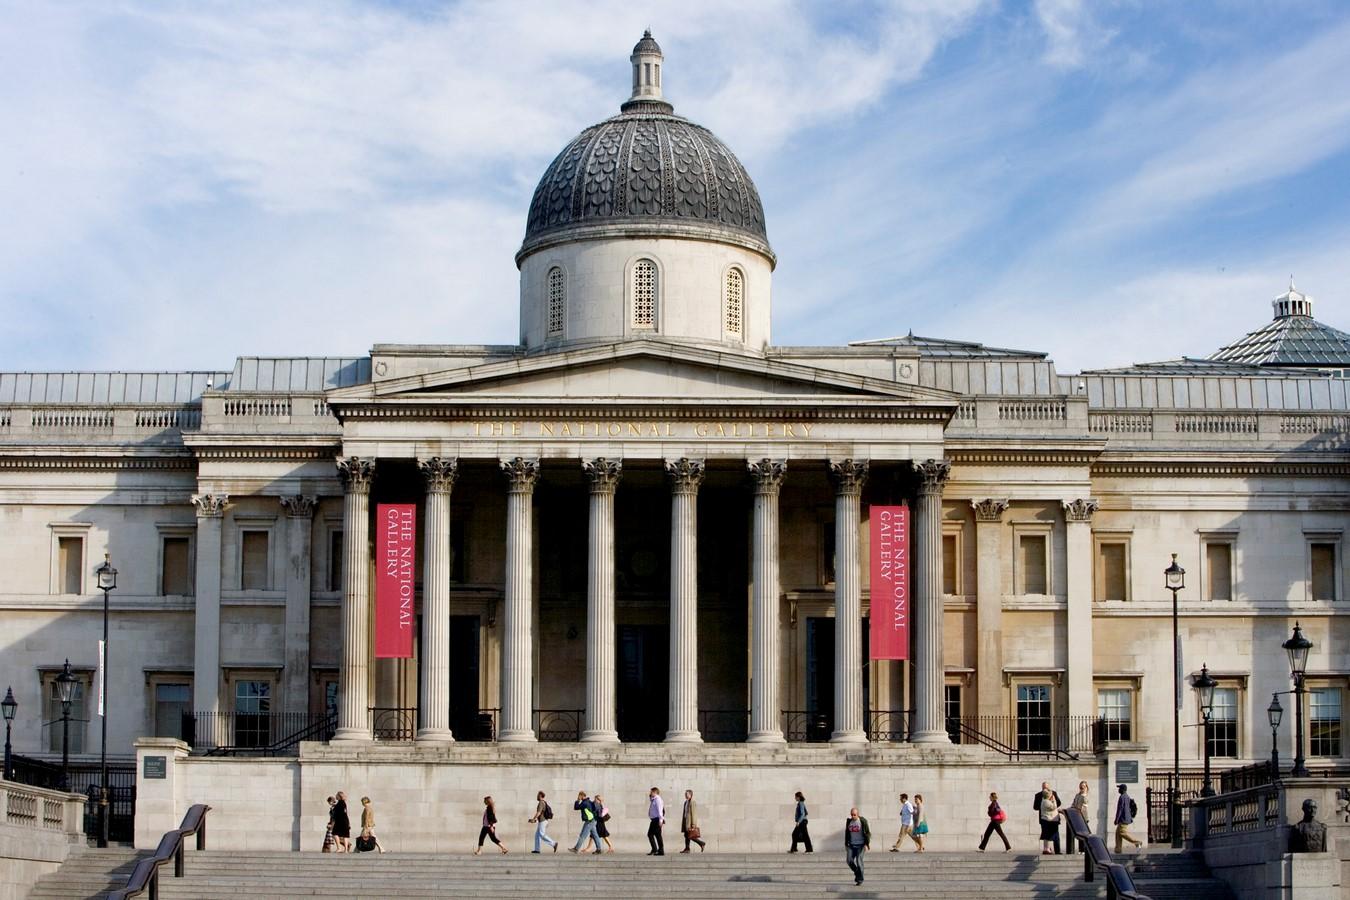 20 Best Art Galleries in London - Sheet1